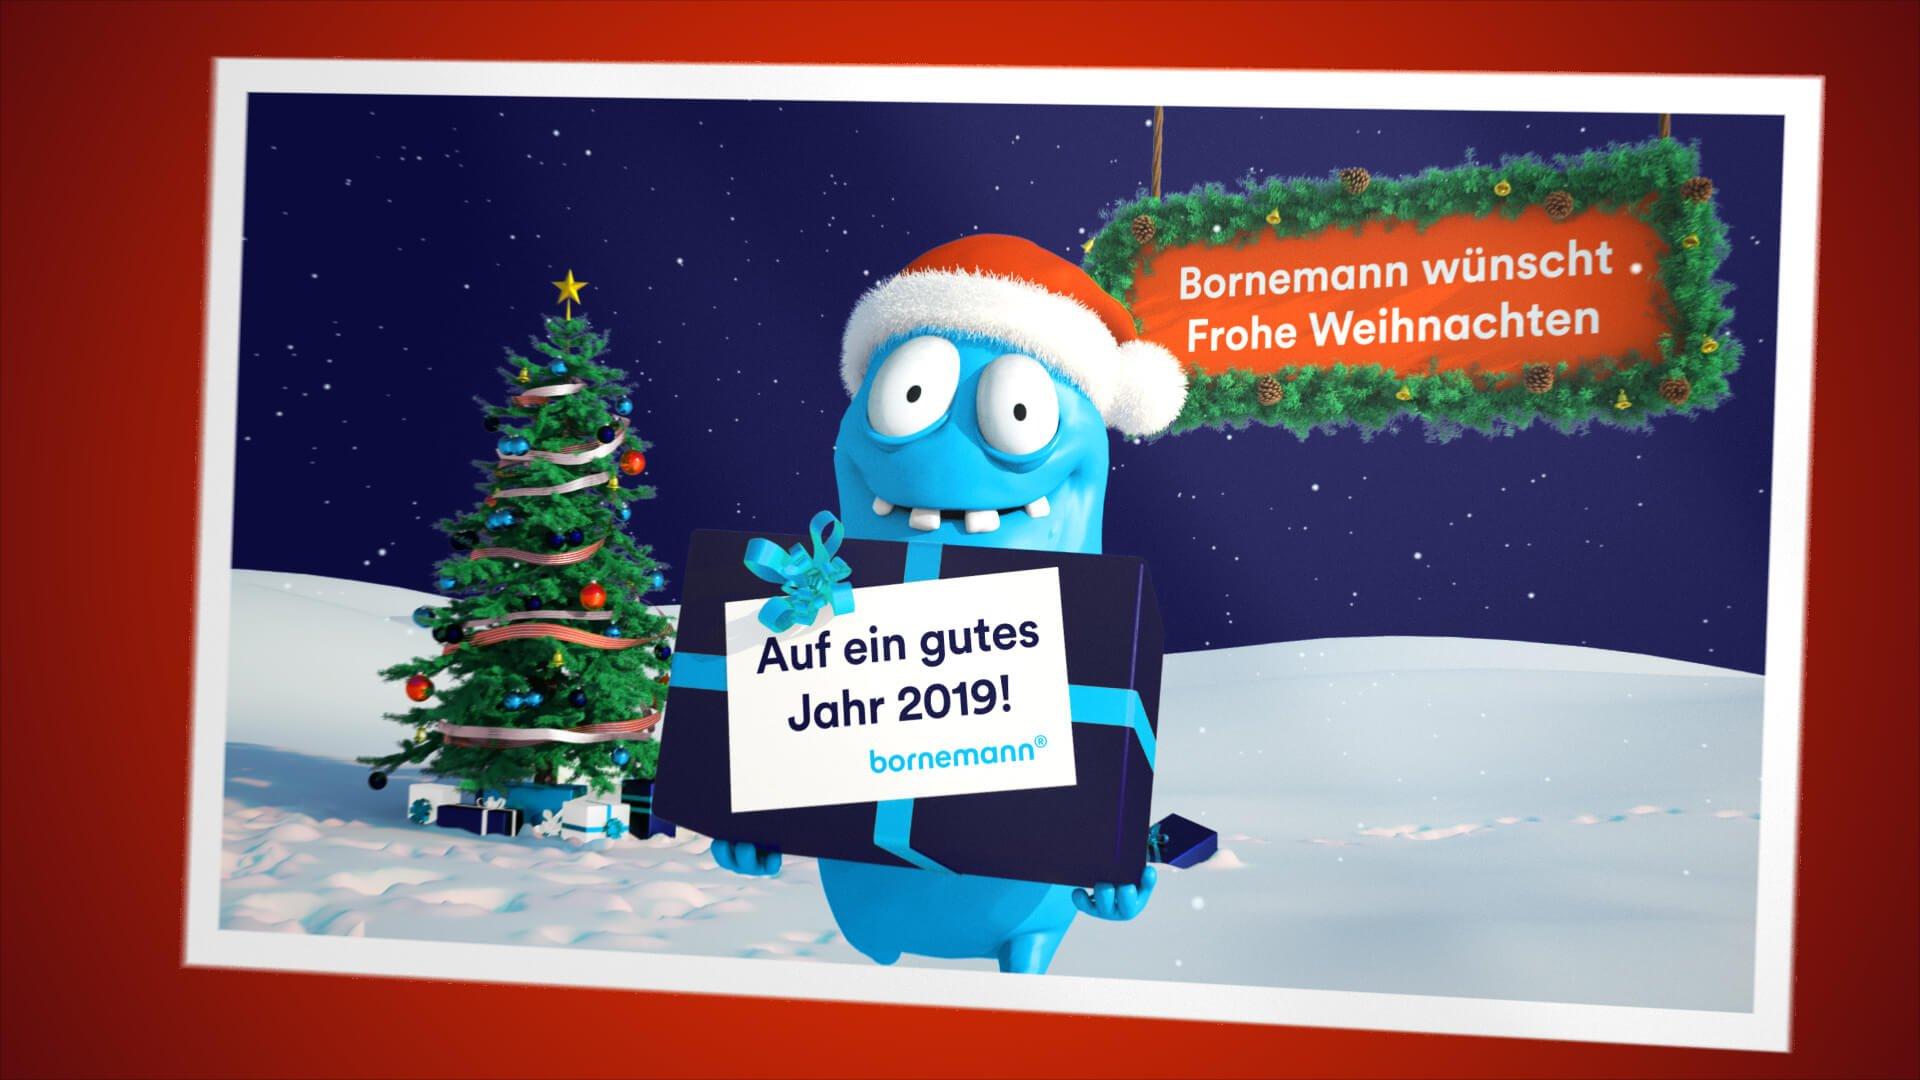 Frohe Weihnachten Guten Rutsch Ins Neue Jahr.Bornemann Wünscht Frohe Weihnachten Ein Schönes Weihnachtsfest Und